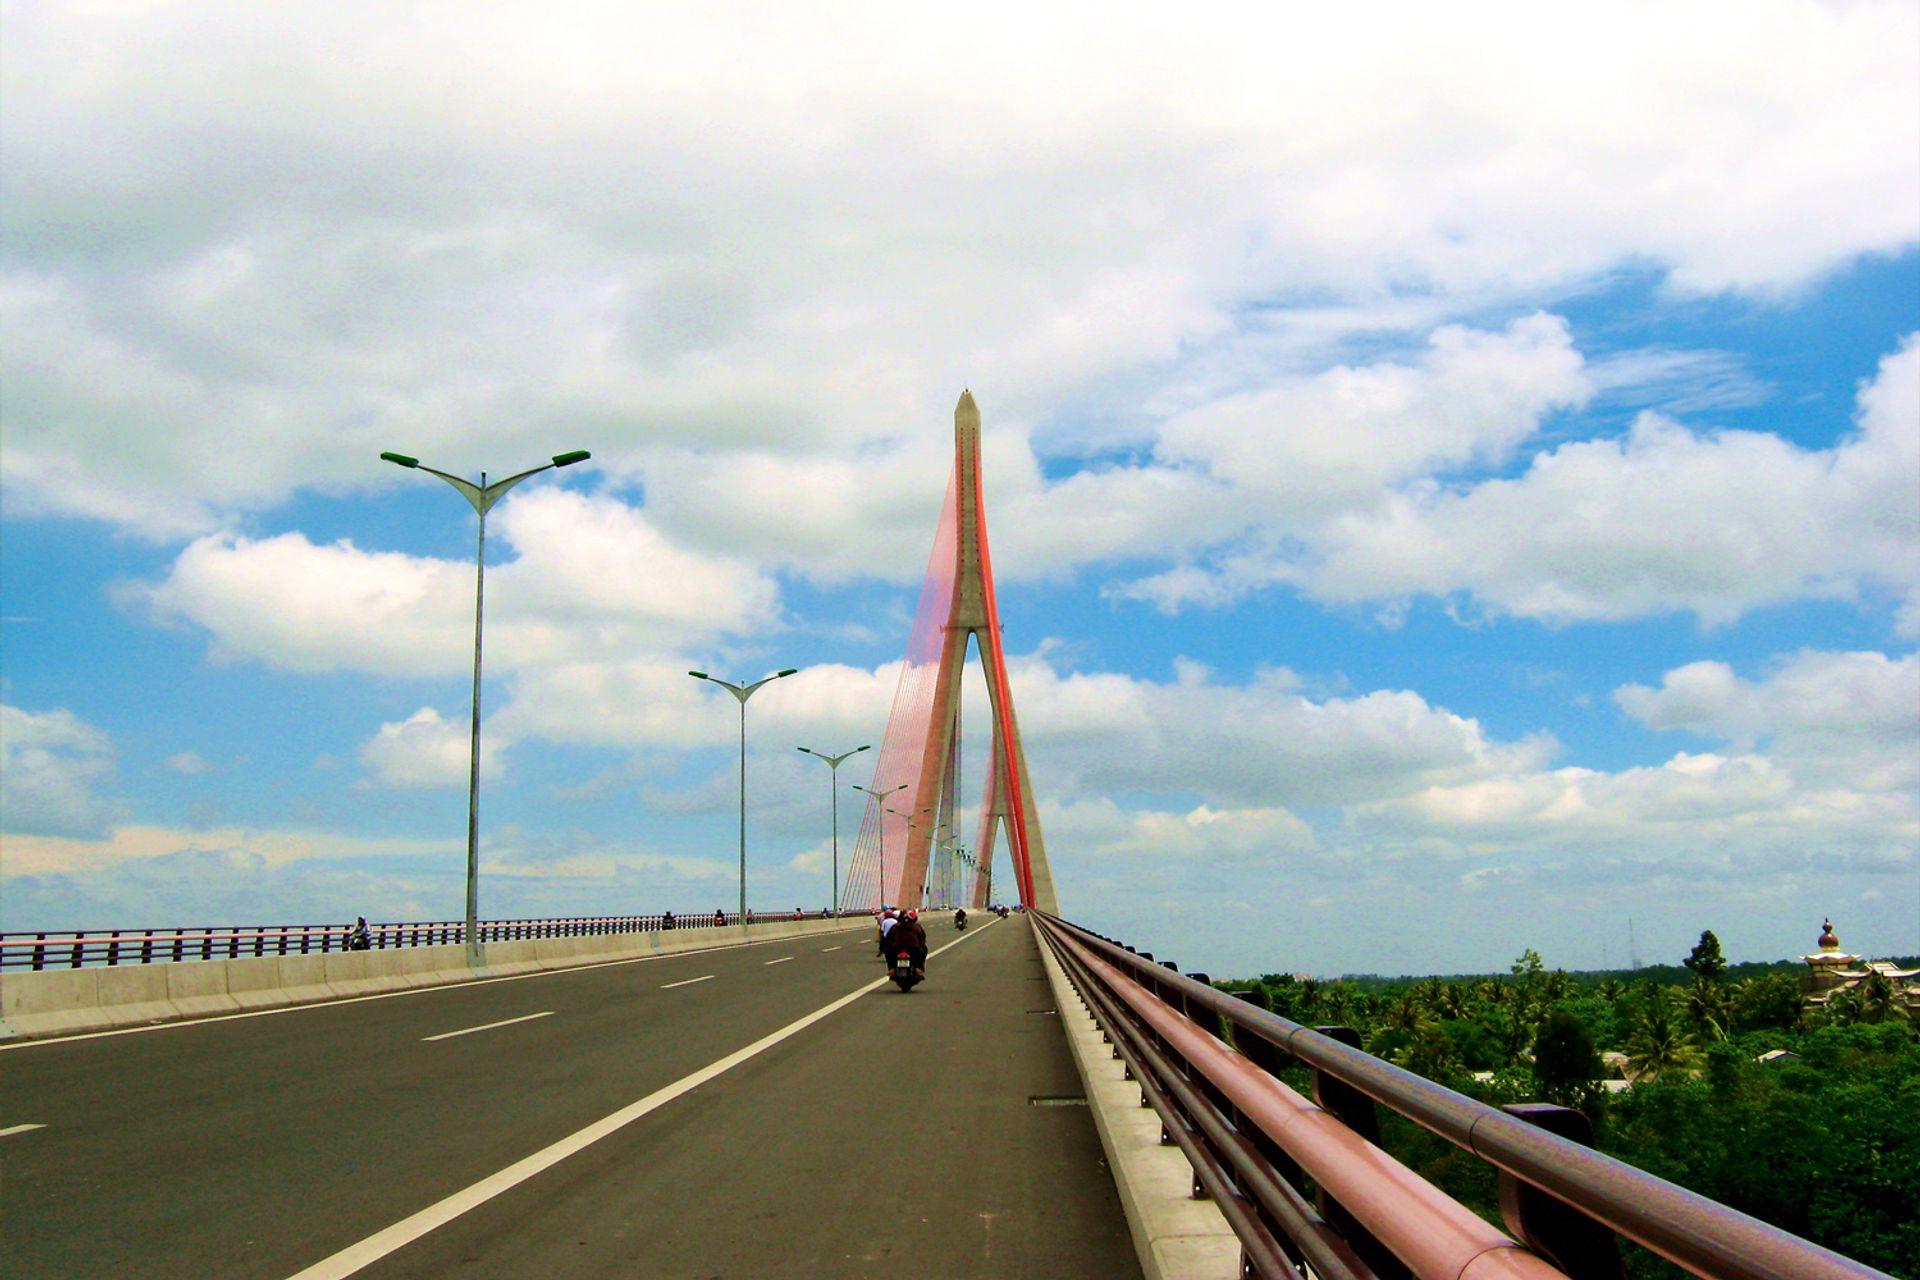 Cầu Cần Thơ là cây cầu dây văng có nhịp chính dài nhất khu vực Đông Nam Á